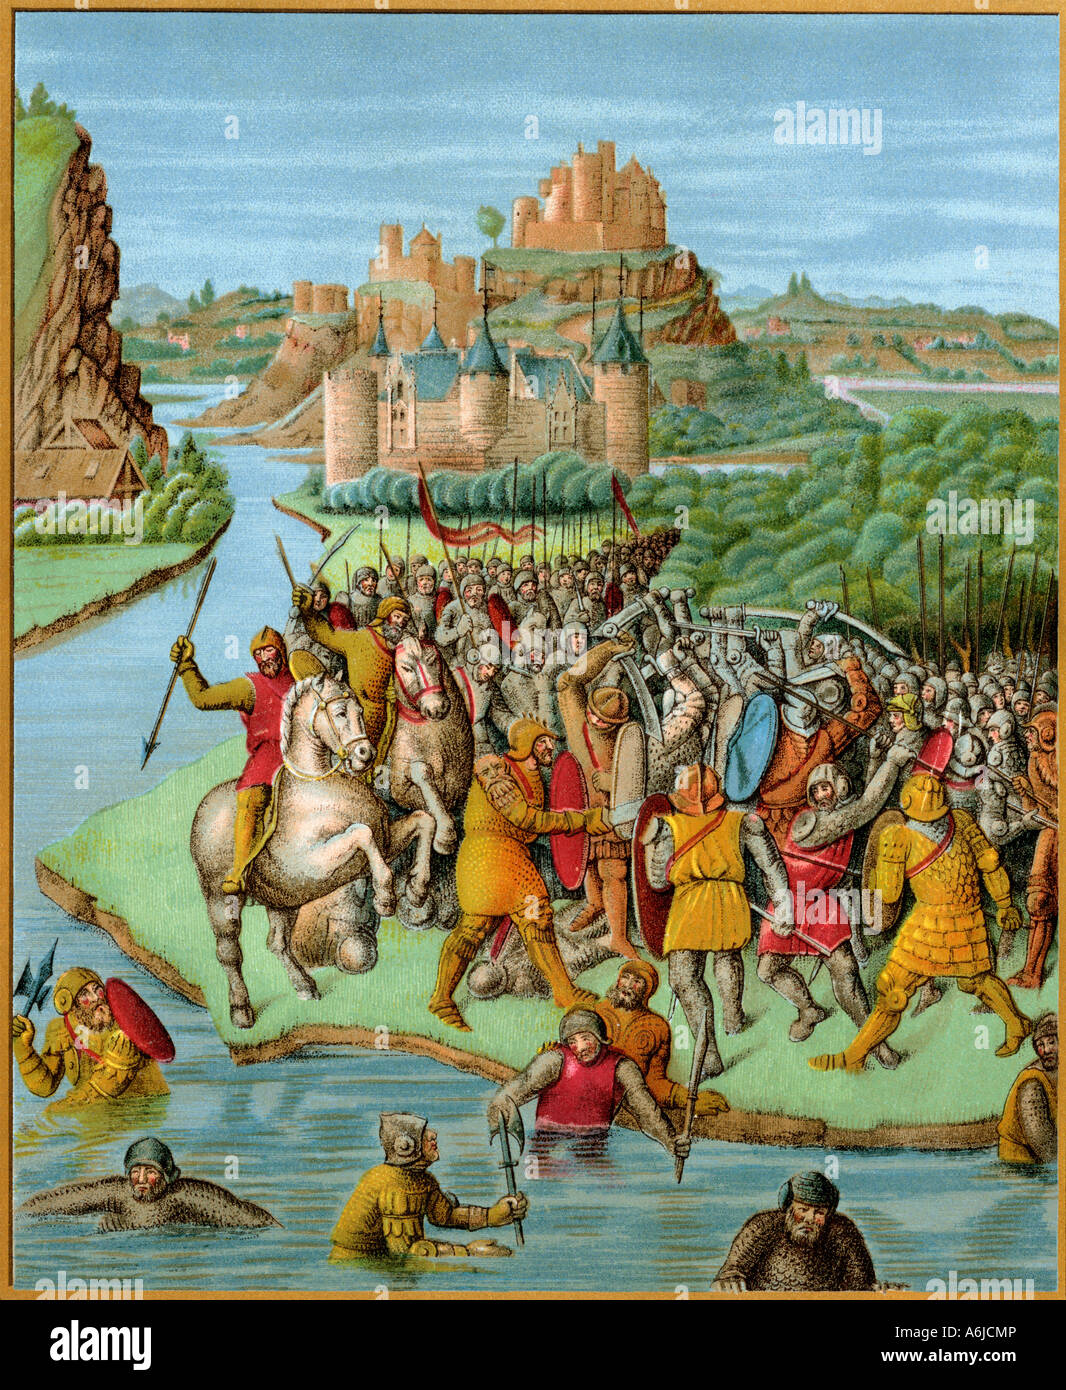 Jonathan kämpfen Baccide, aus einer französischen Übersetzung von josephus Geschichte der Juden 1400. Stockbild